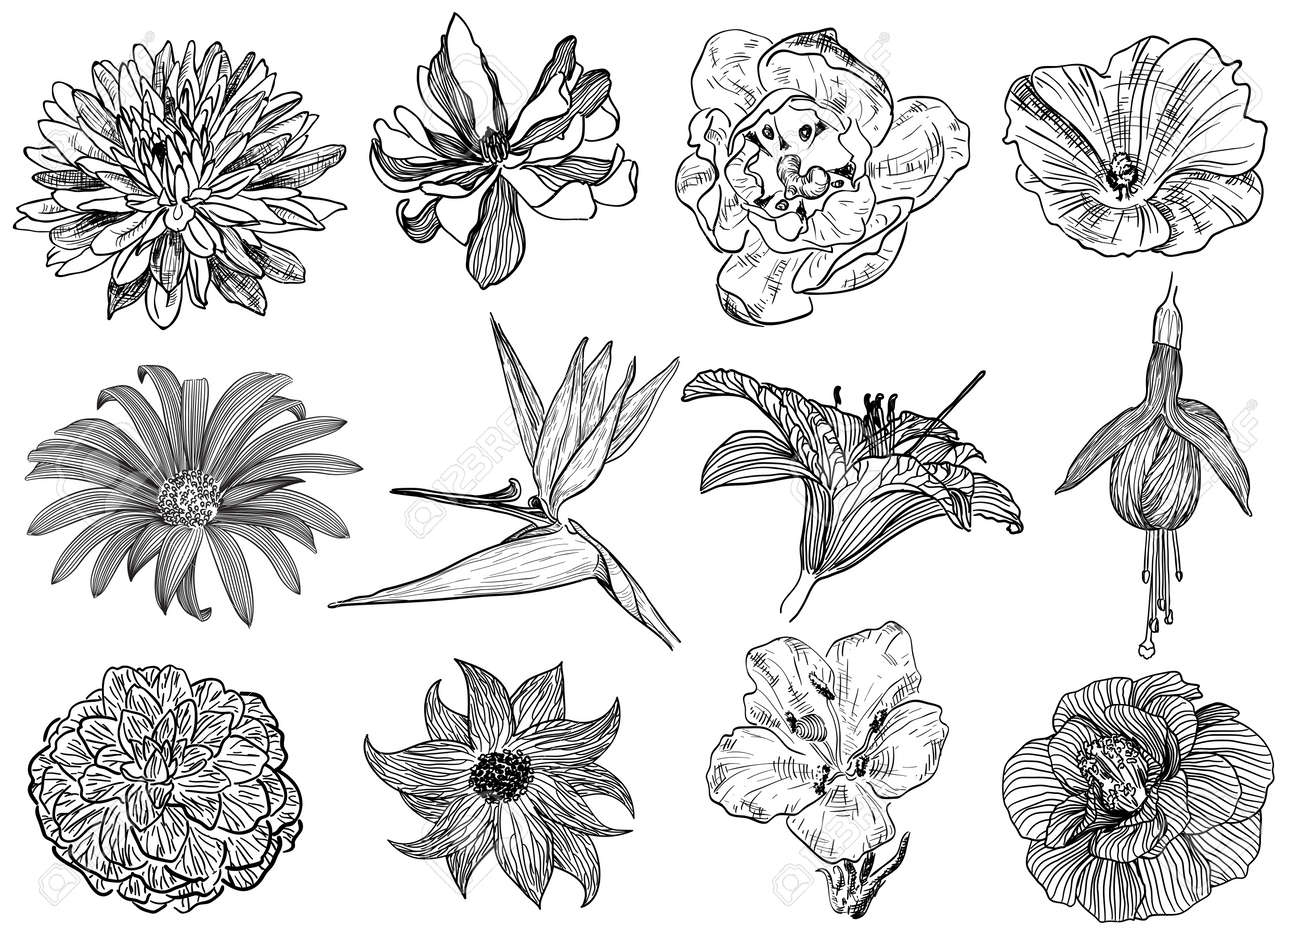 ベクトル スケッチ風の花のイラスト アスターマグノリアヒルガオ